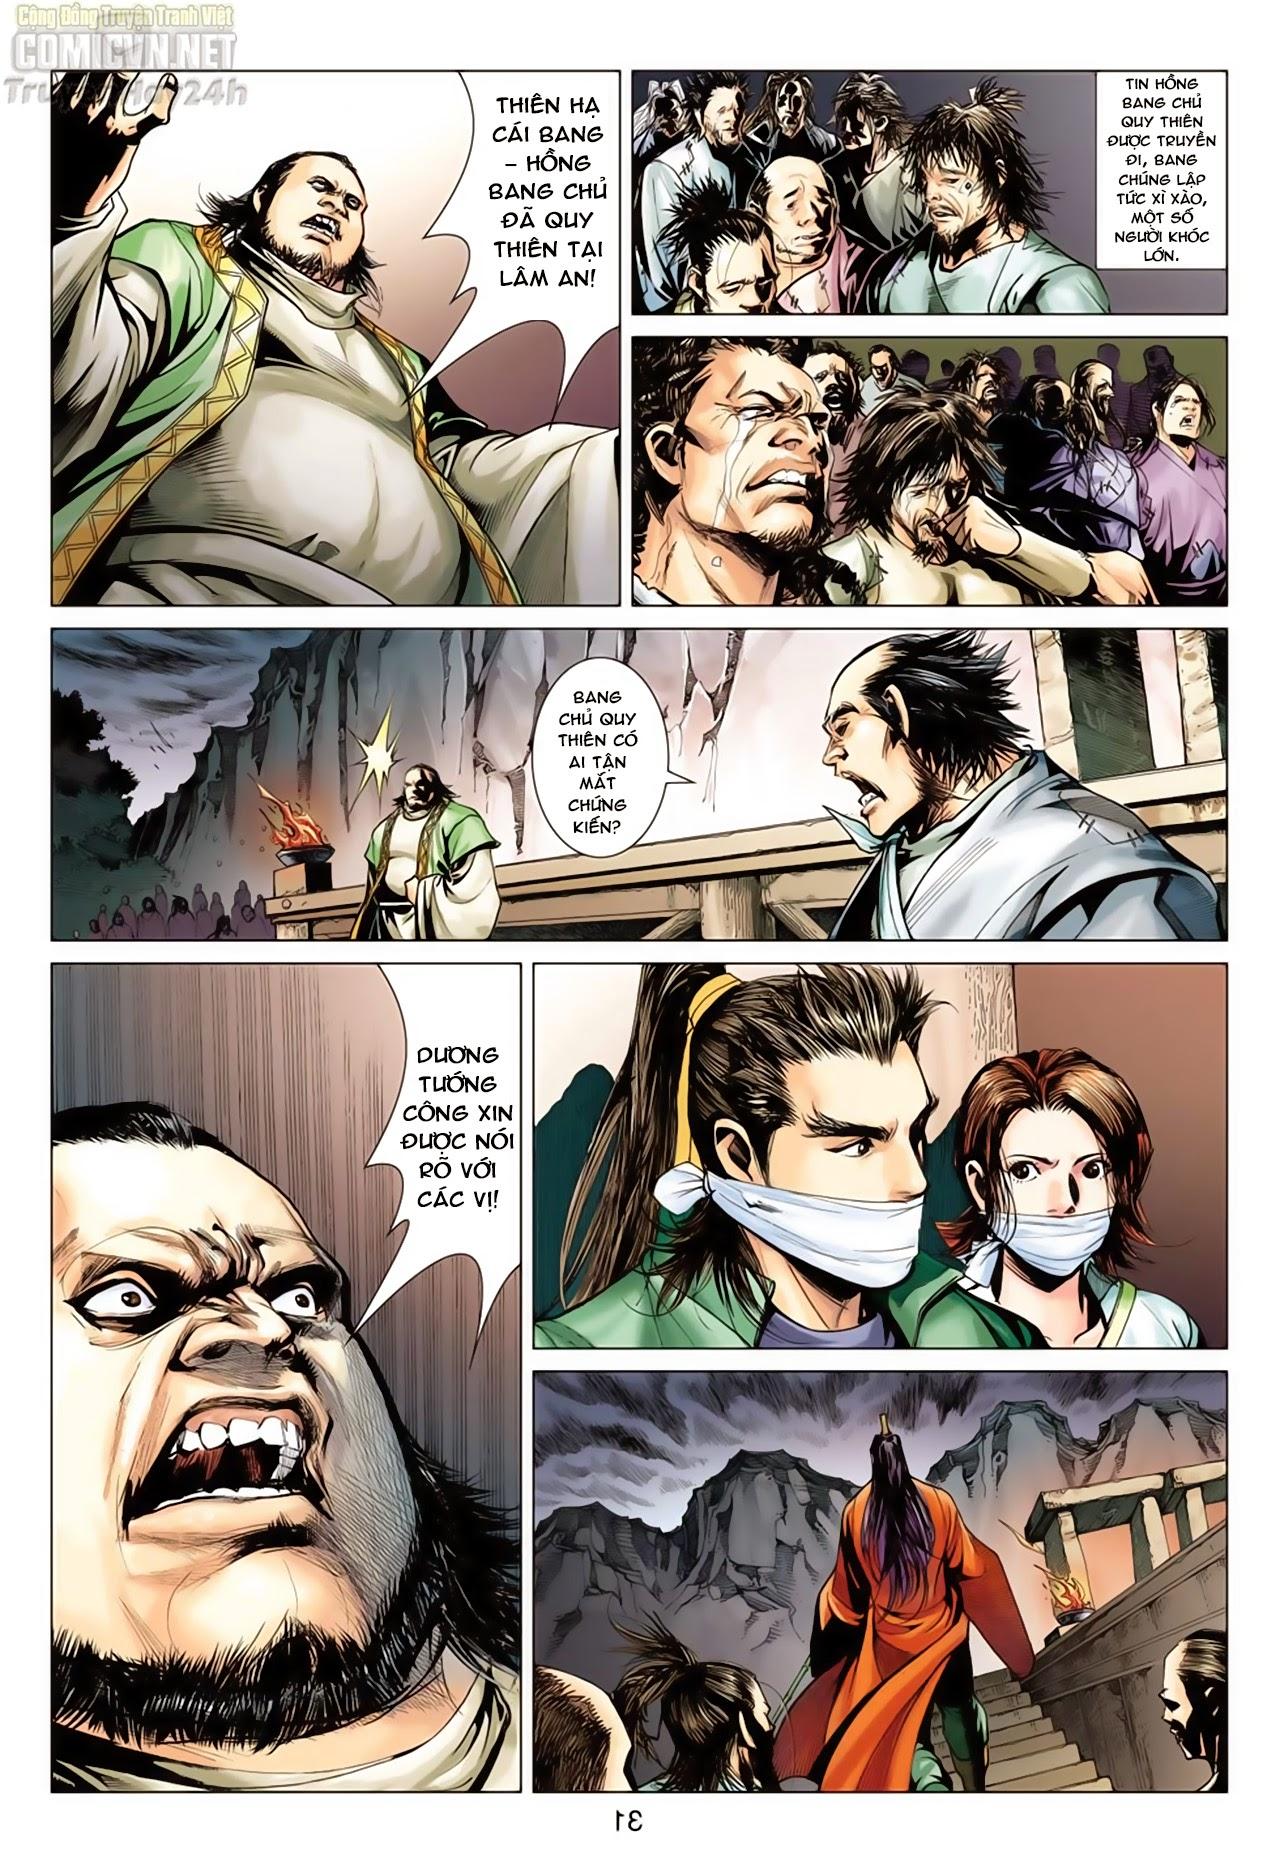 Anh Hùng Xạ Điêu anh hùng xạ đêu chap 65: cái bang tân chủ trang 31